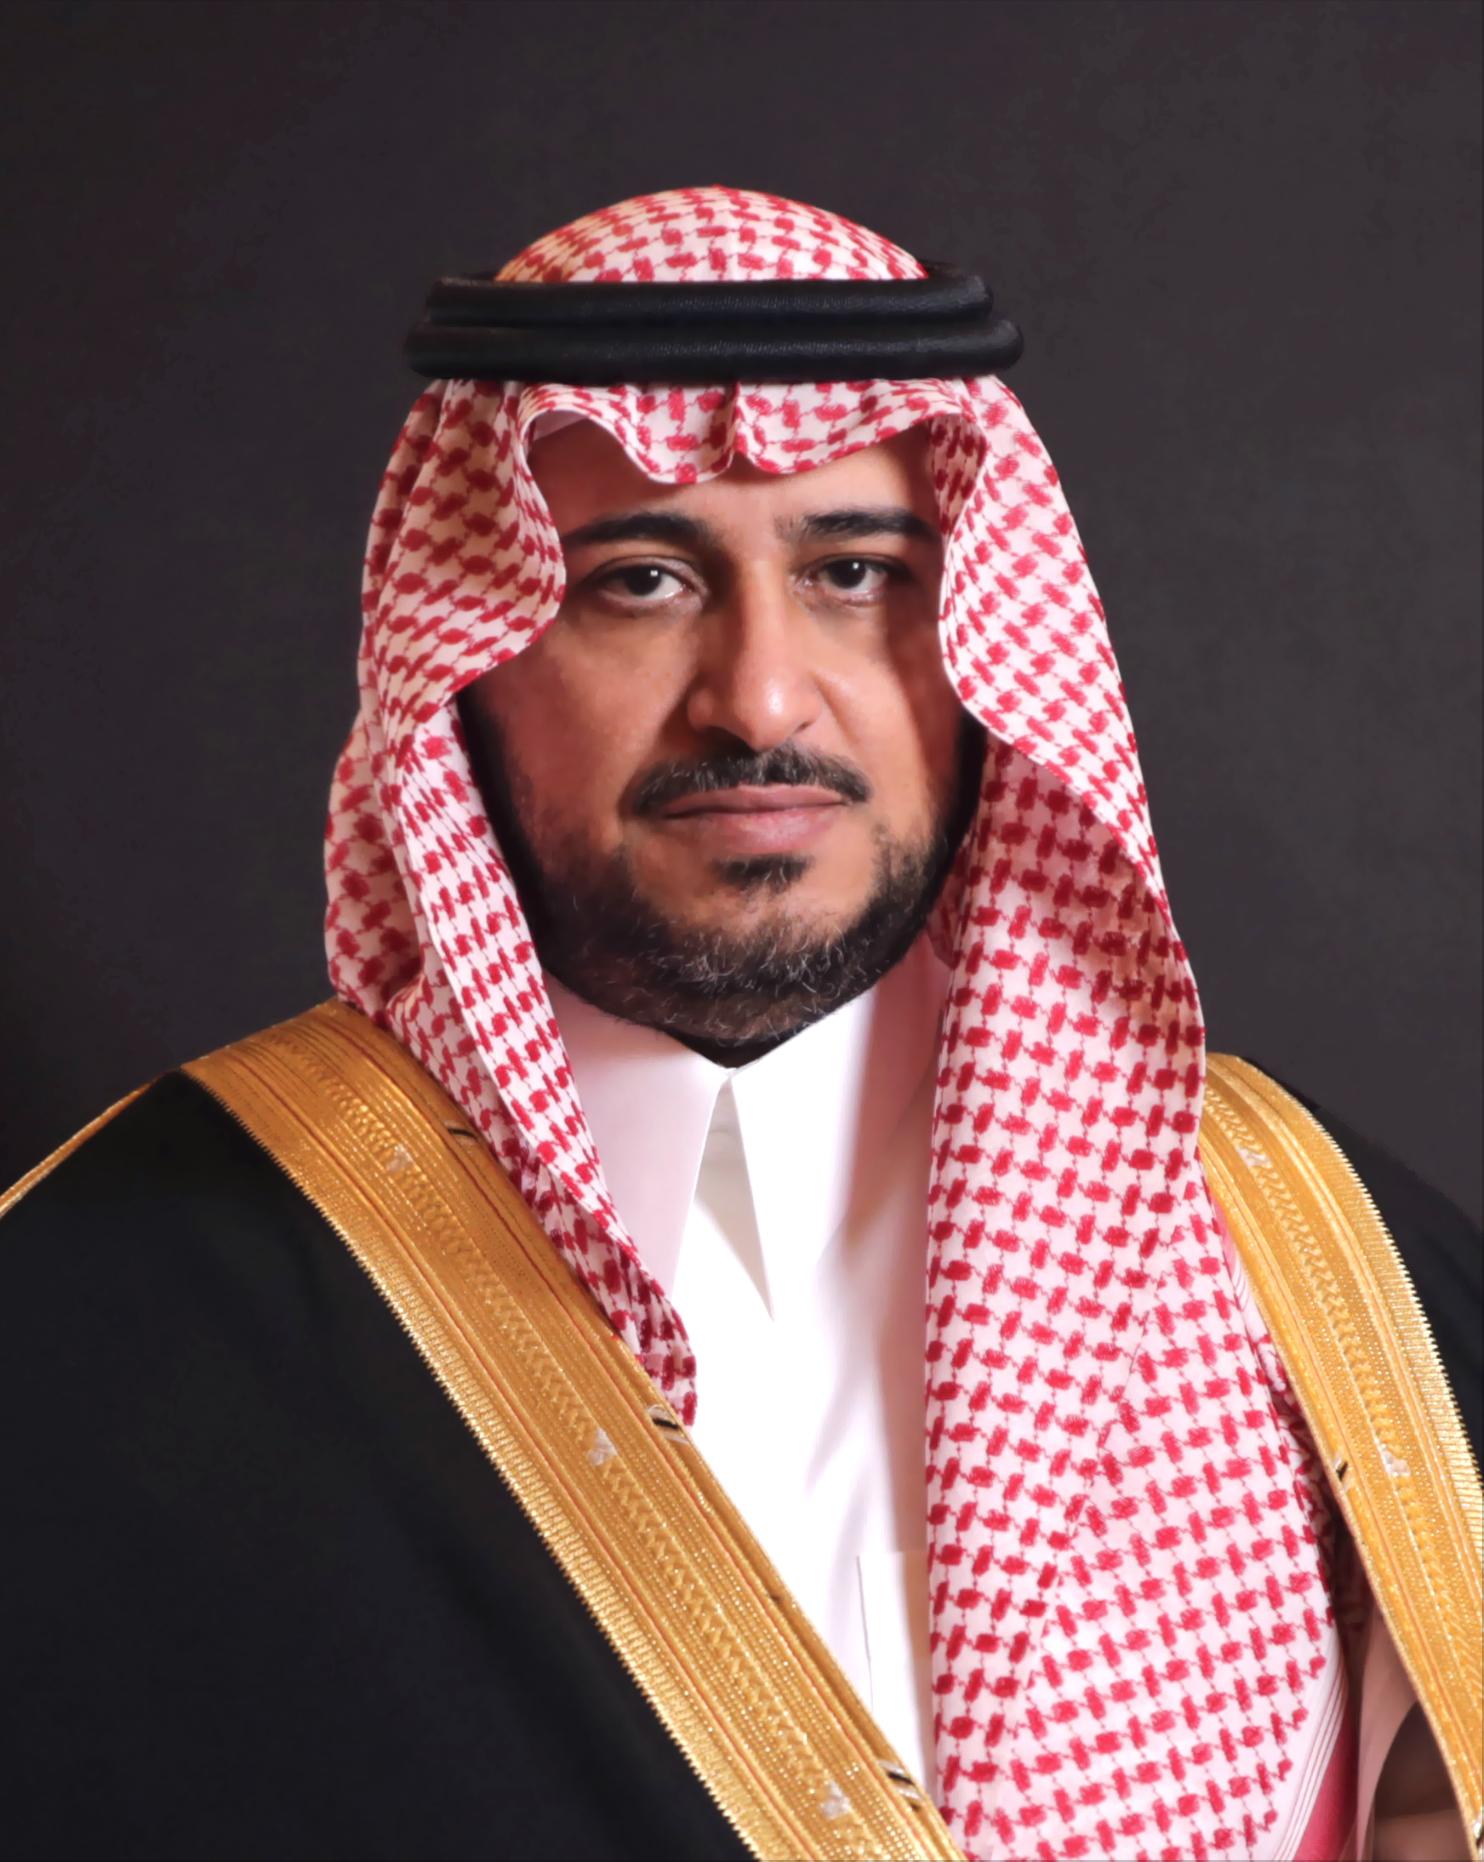 فهد بن مشعل بن سعود بن عبد العزيز آل سعود ويكيبيديا